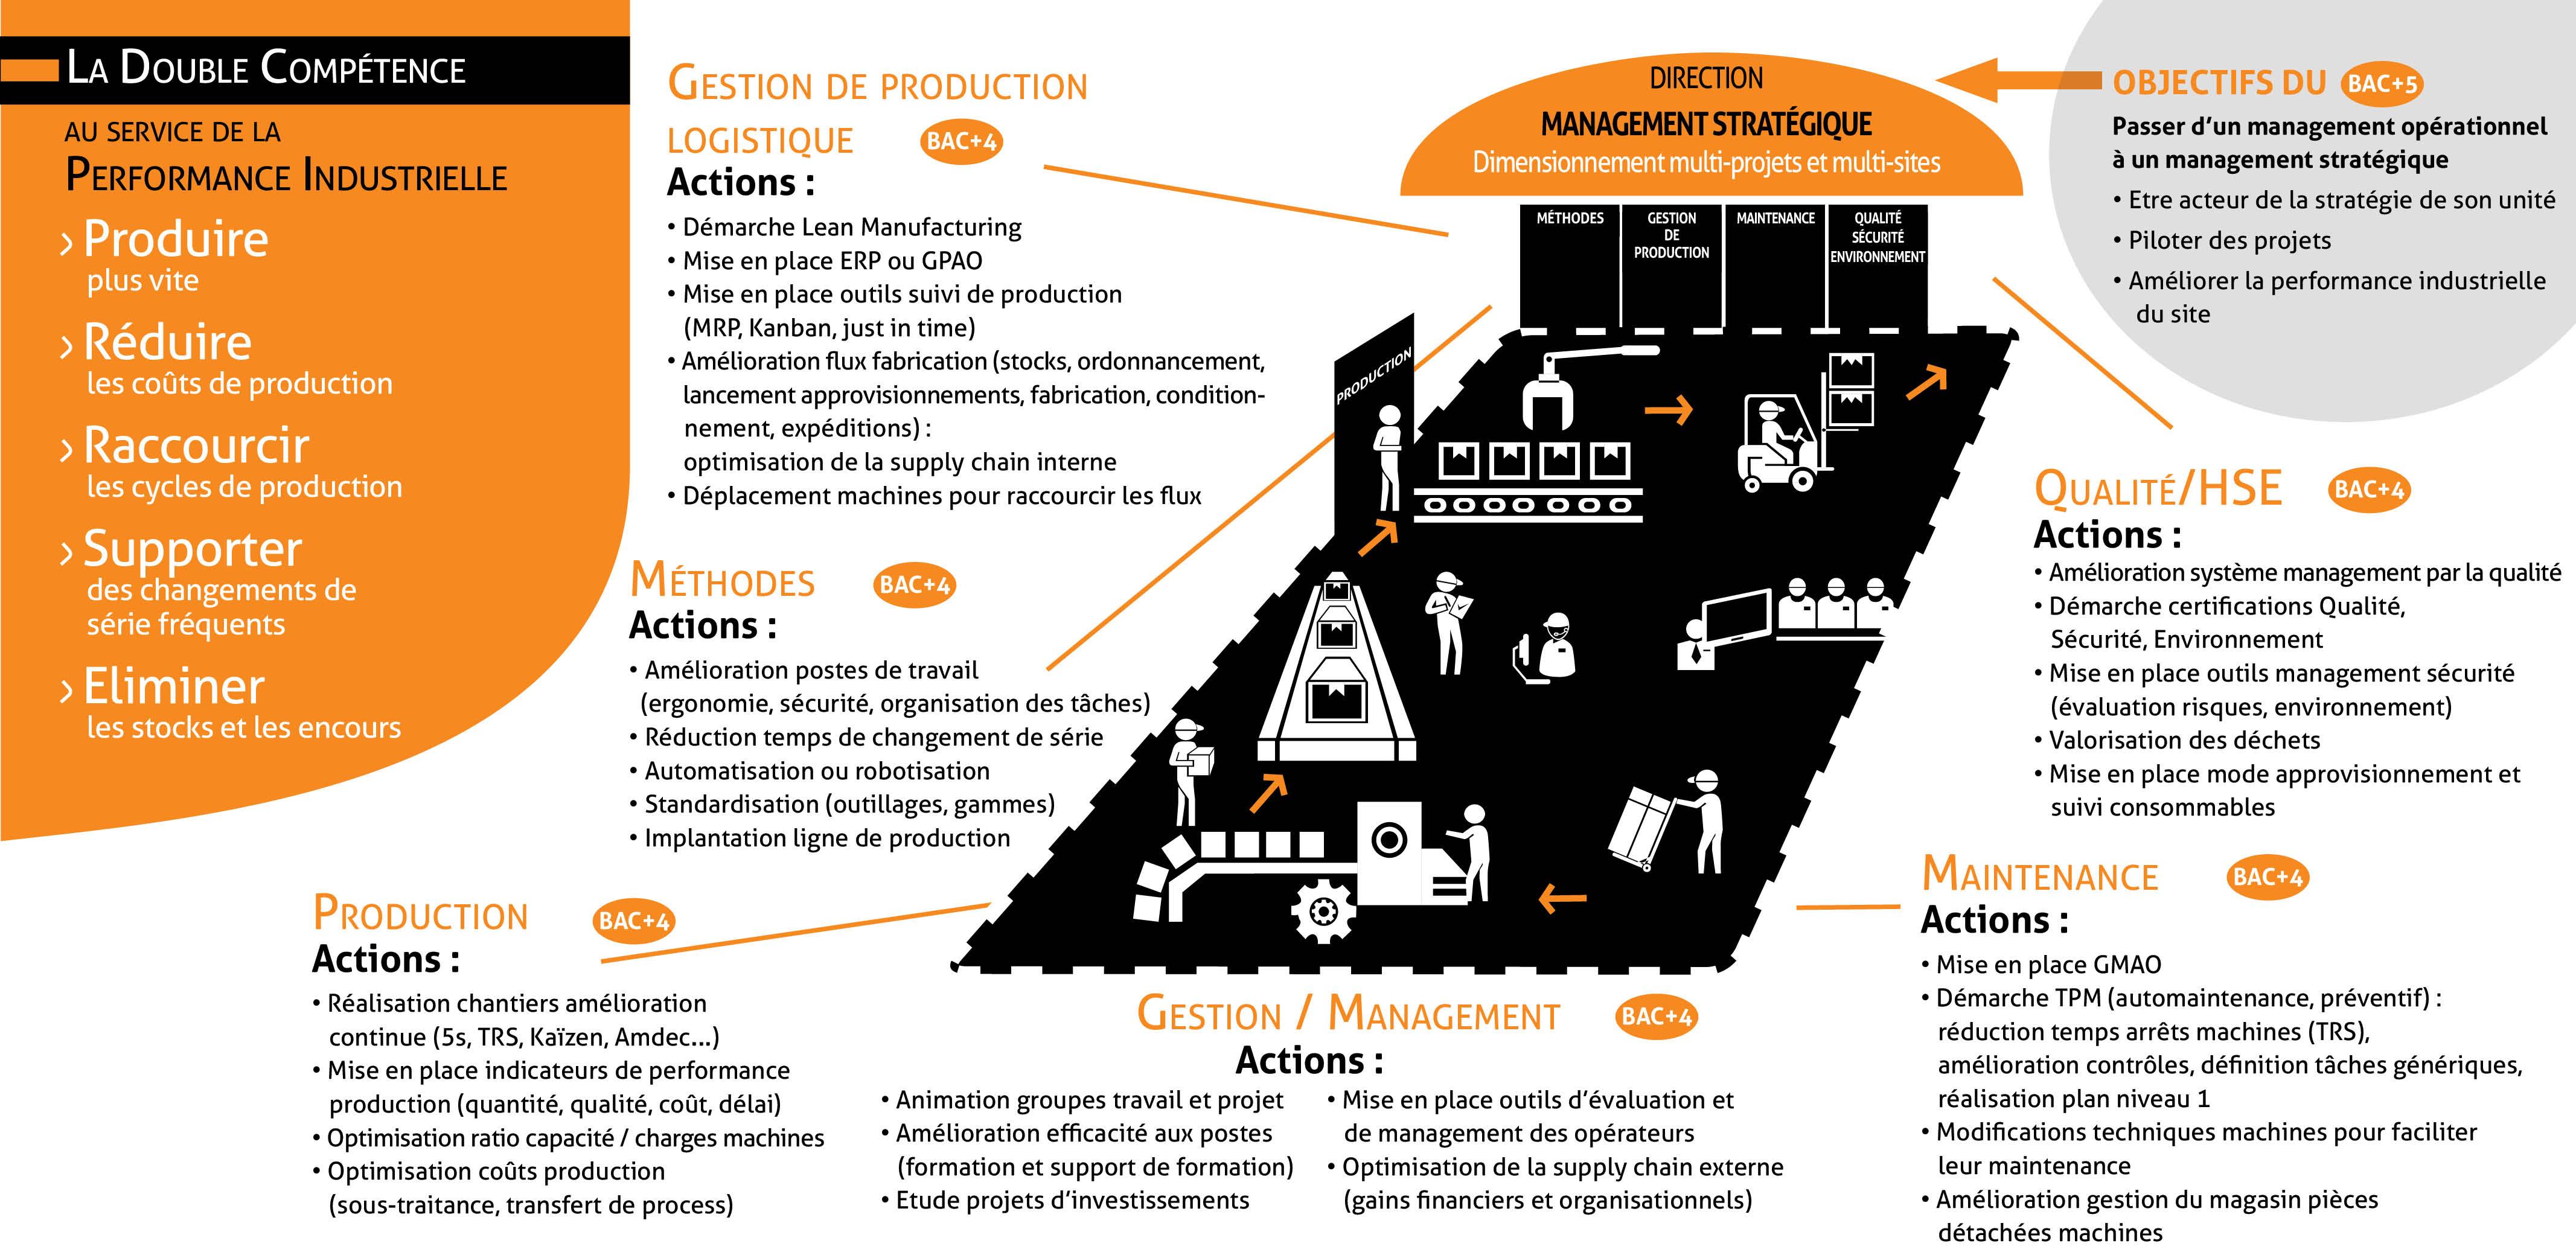 Les différents projets d'alternance de l'IPI développés en entreprise